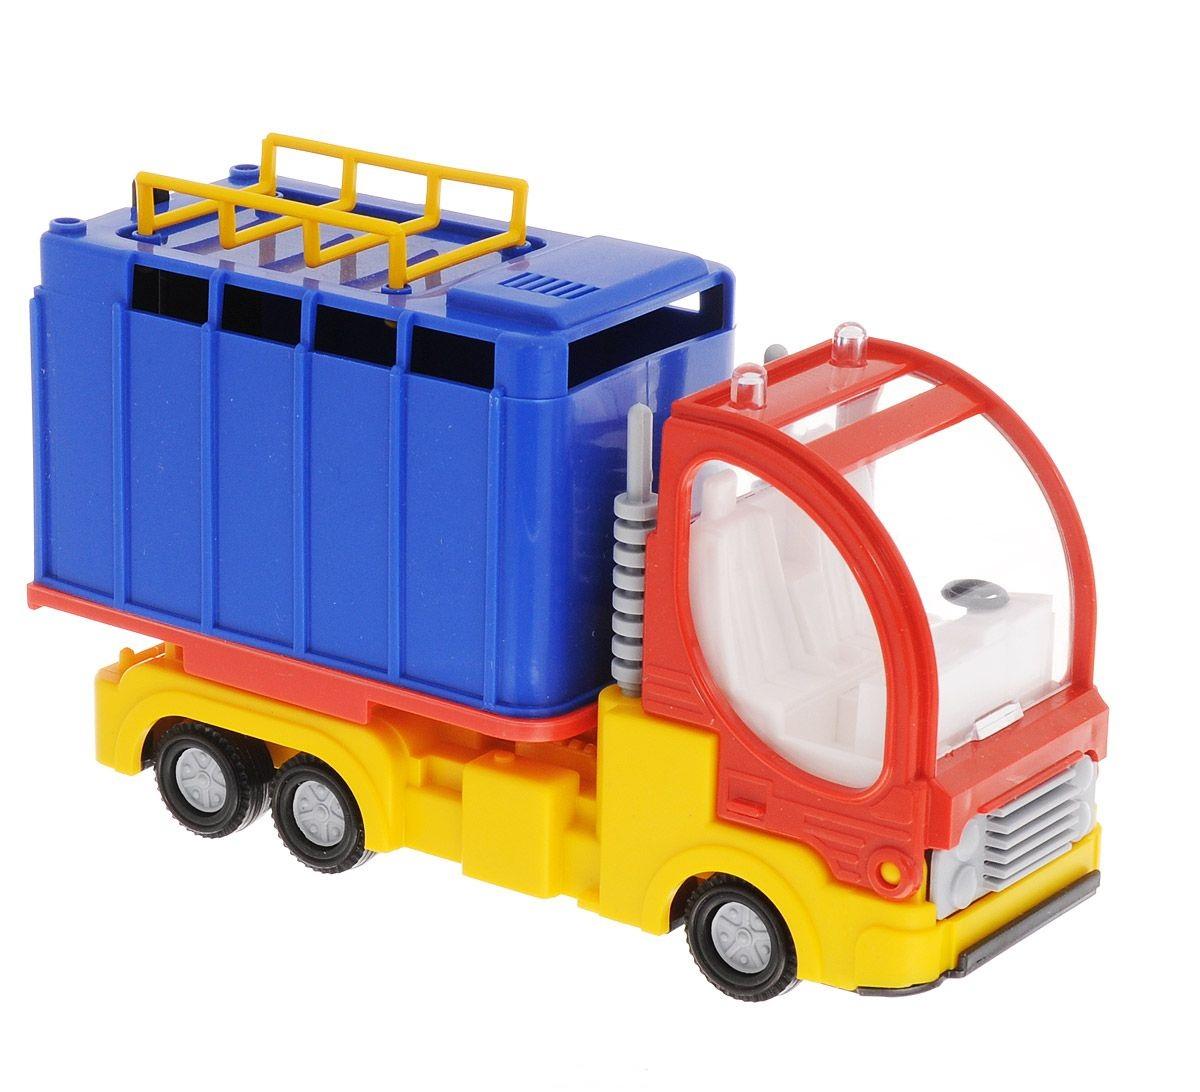 Купить Фургон малый – Дальнобойщик, 18, 5 см, ПК Форма